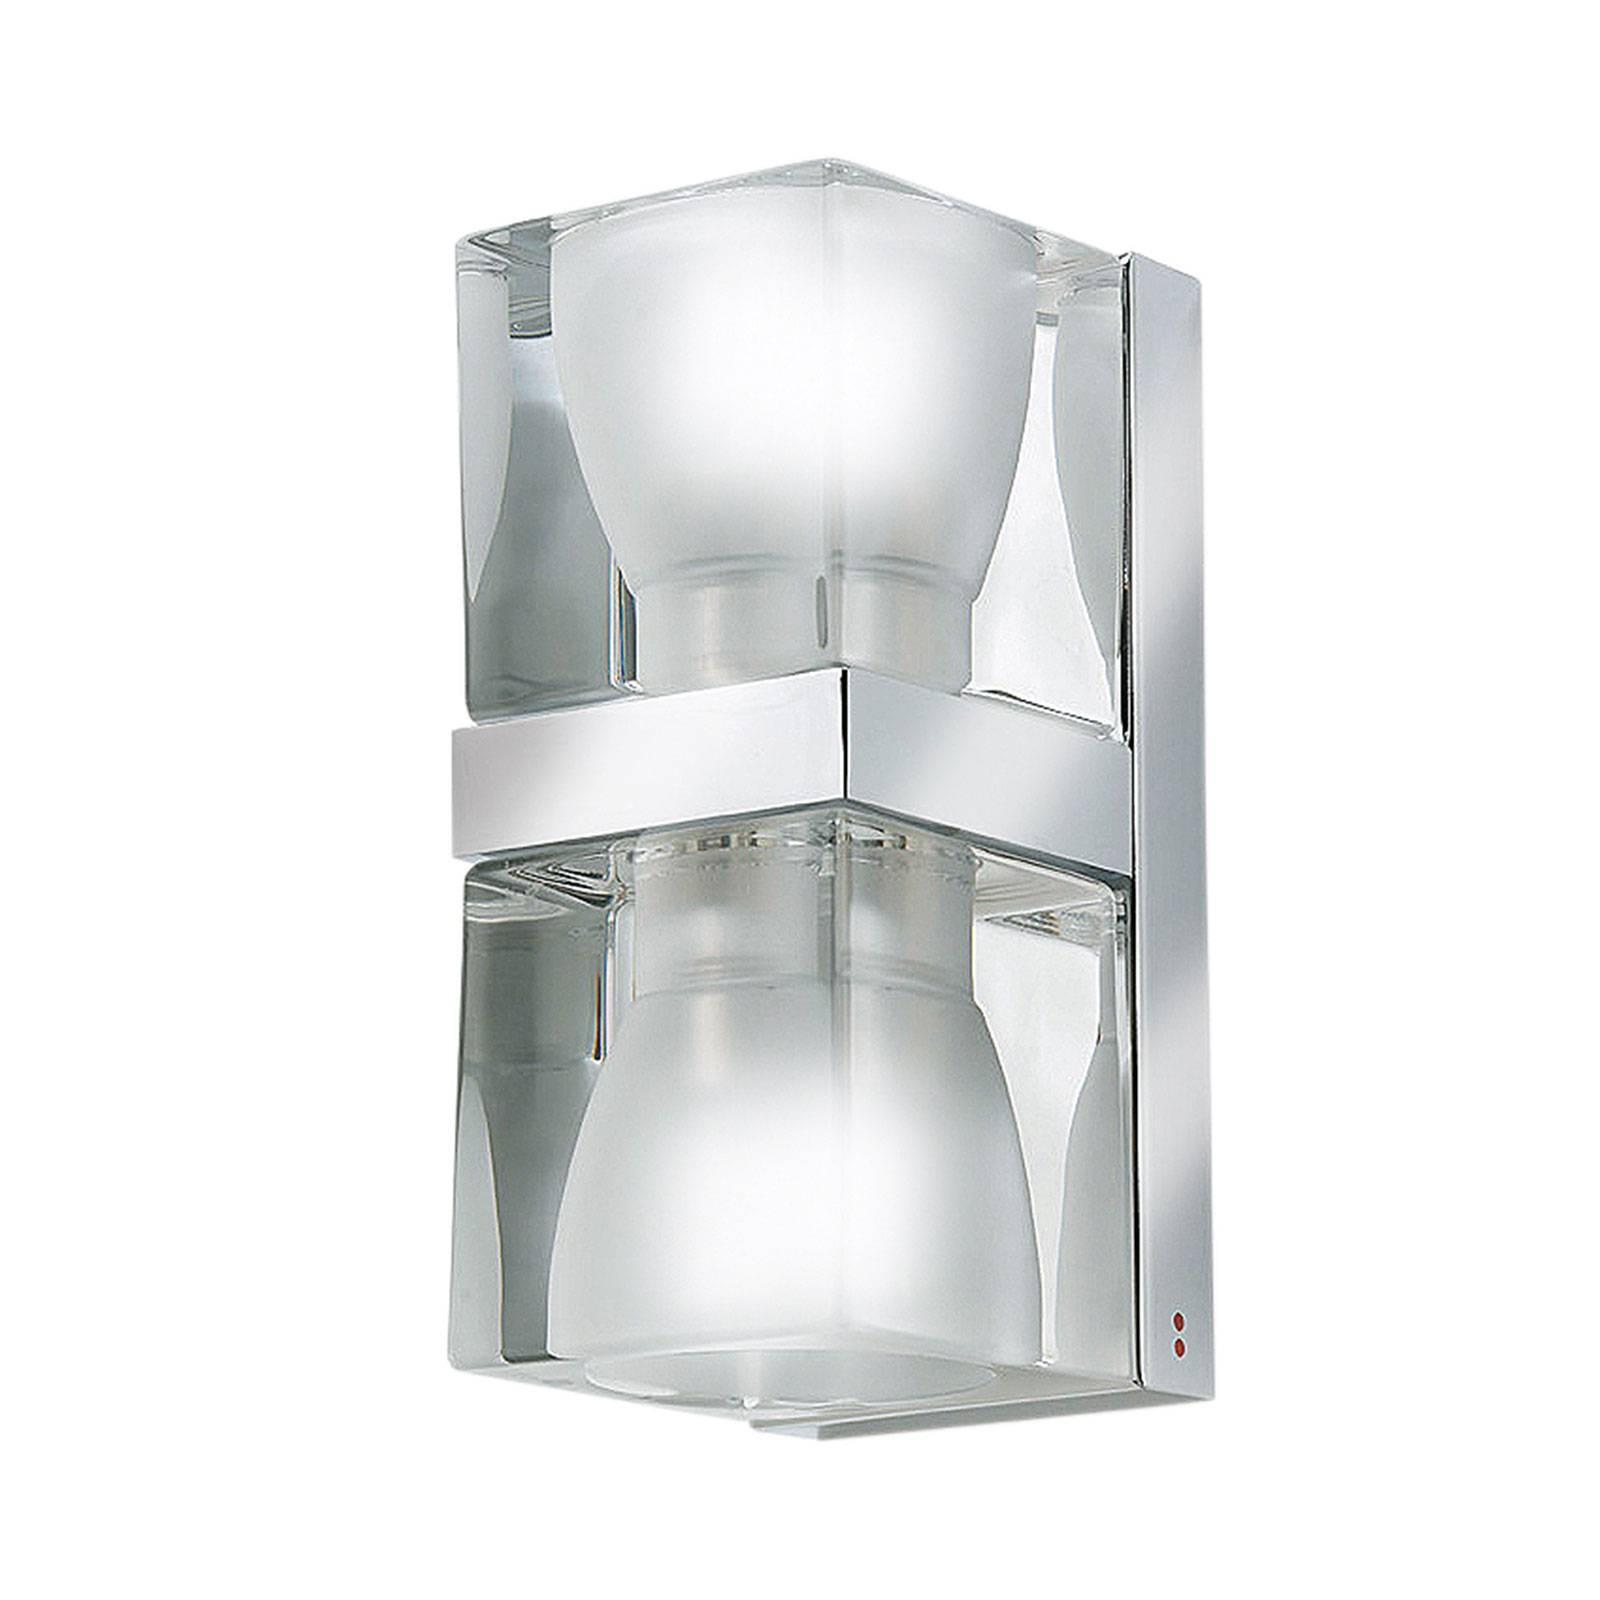 Fabbian Cubetto wandlamp Up/Down, G9, helder